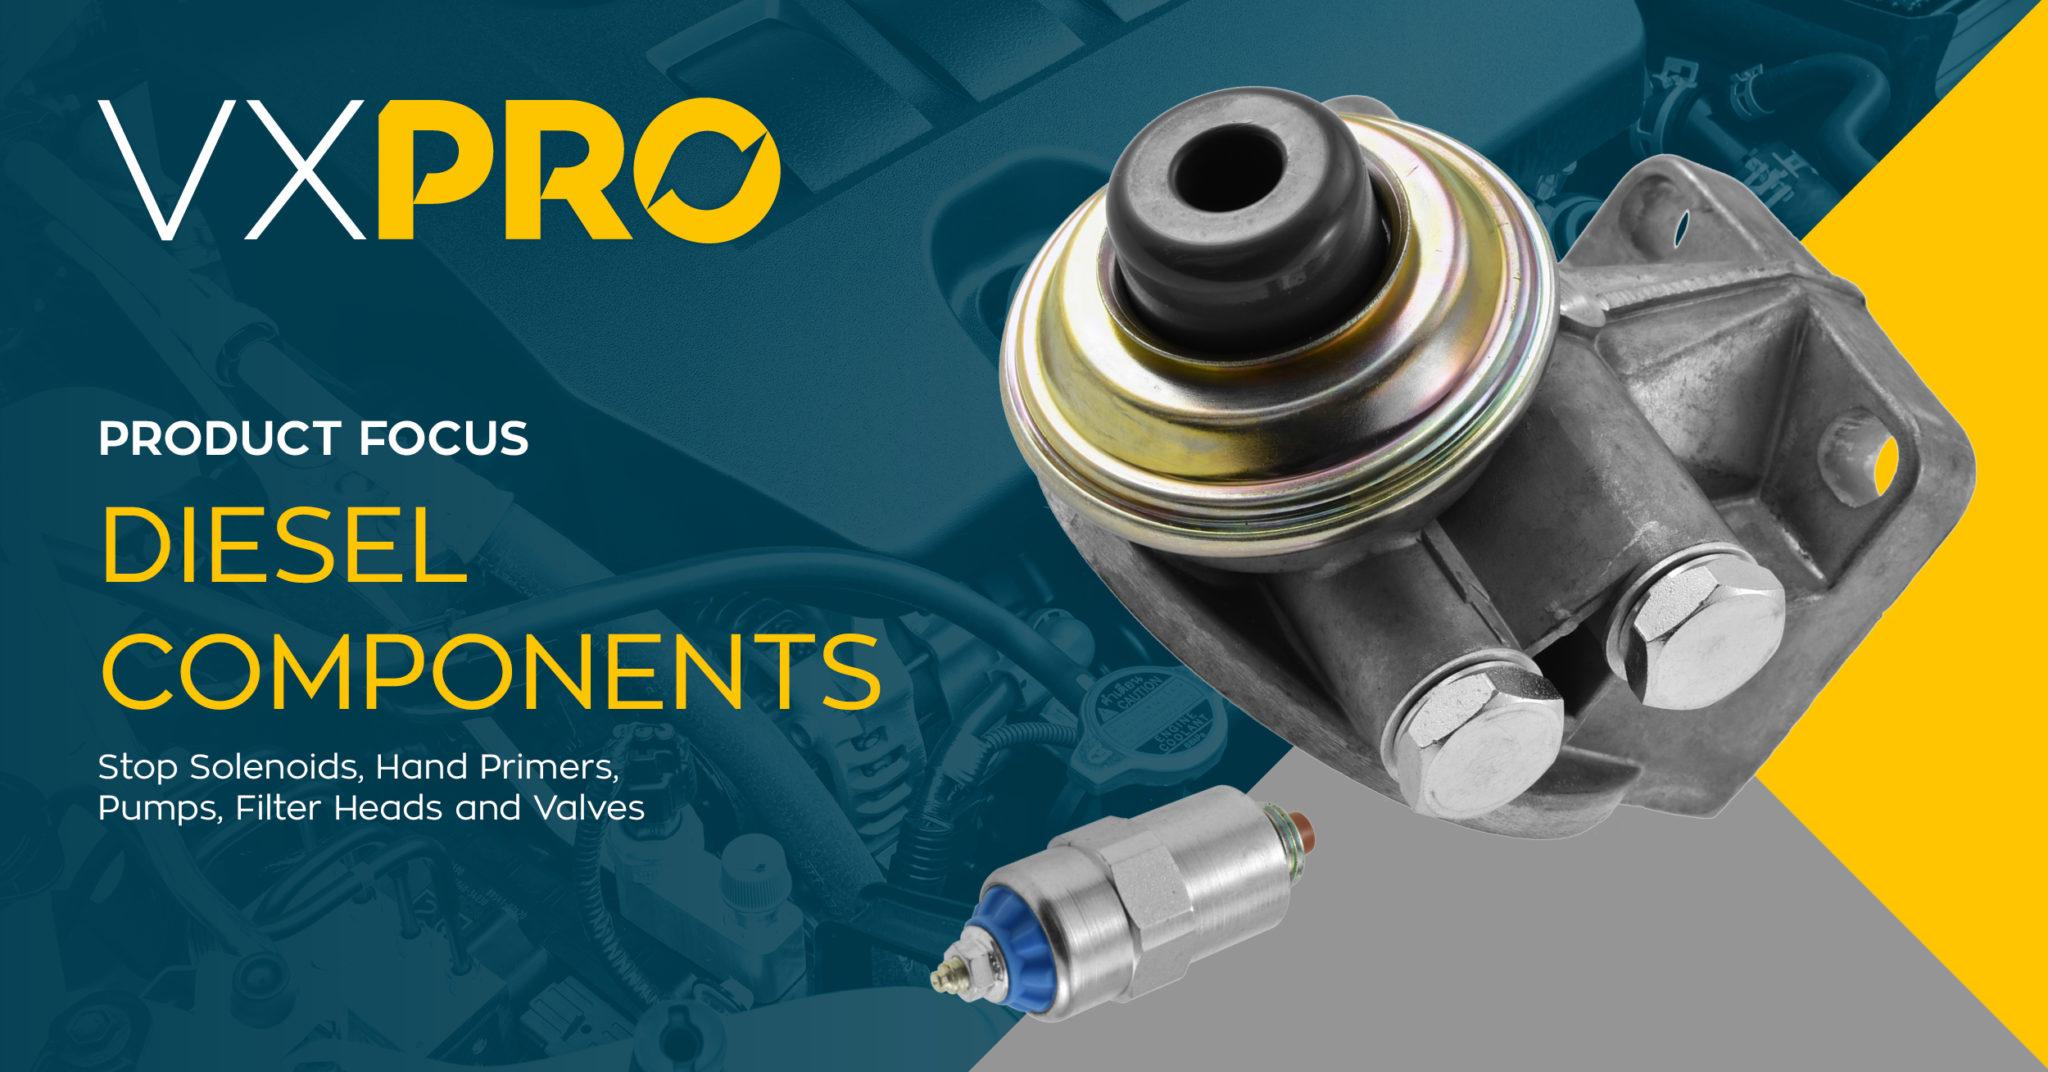 Diesel Components VXPRO